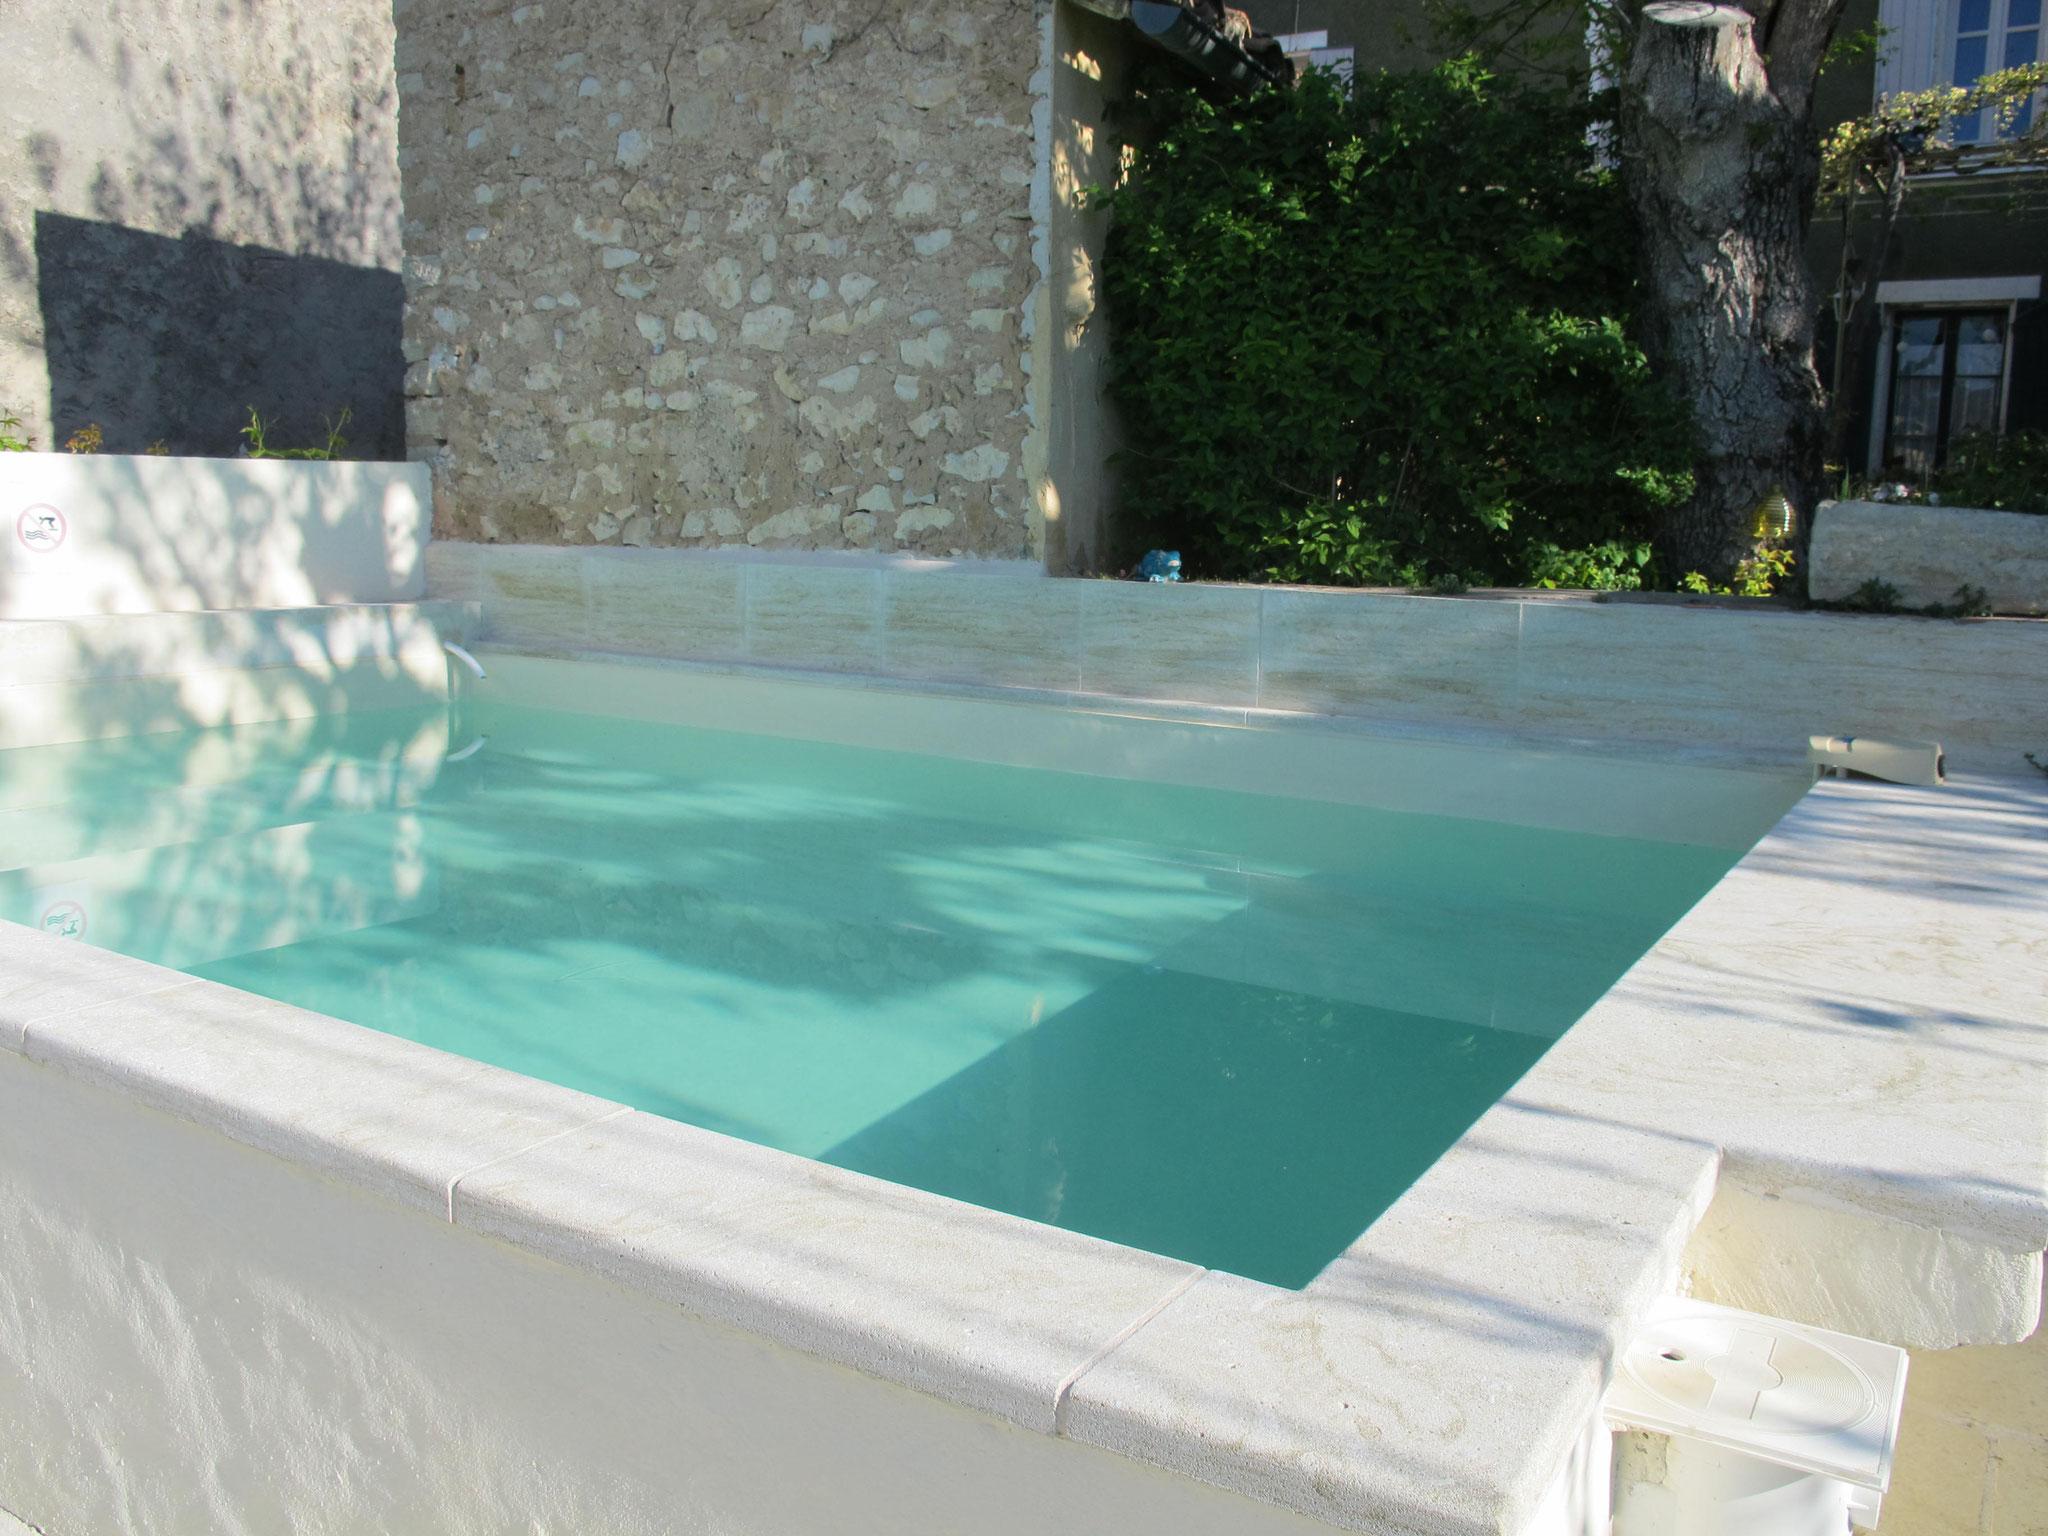 loucardaline-bedoin-ventoux-chambre d hotes-vaucluse-vacances-bassin-piscine